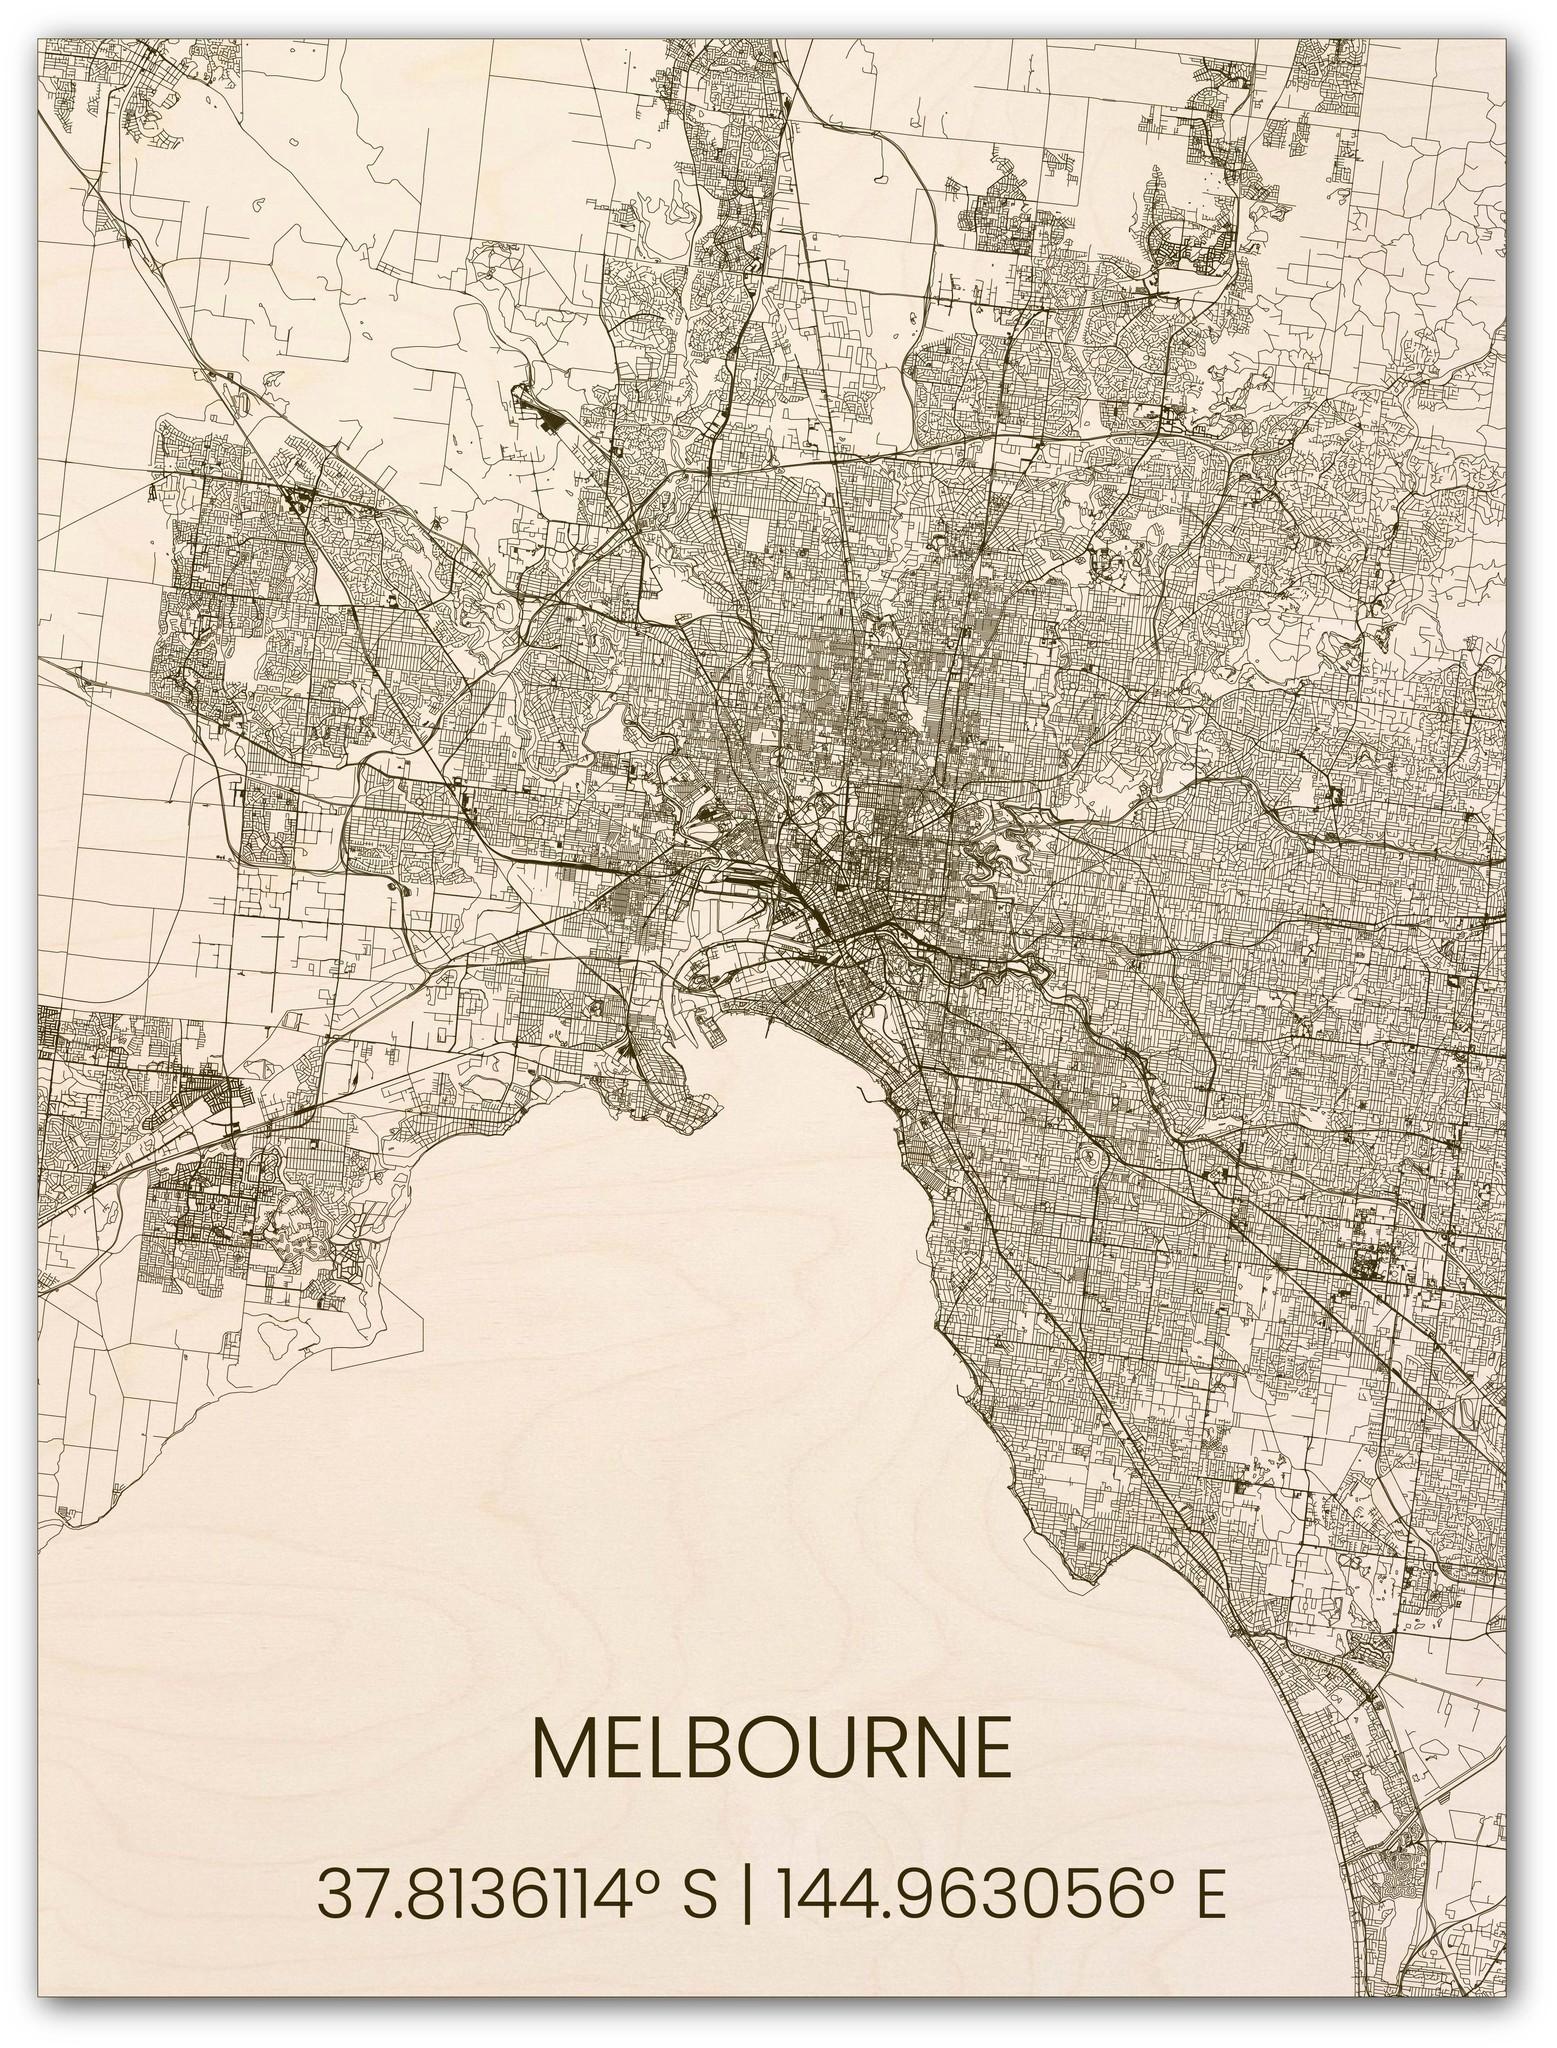 Houten stadsplattegrond Melbourne-1